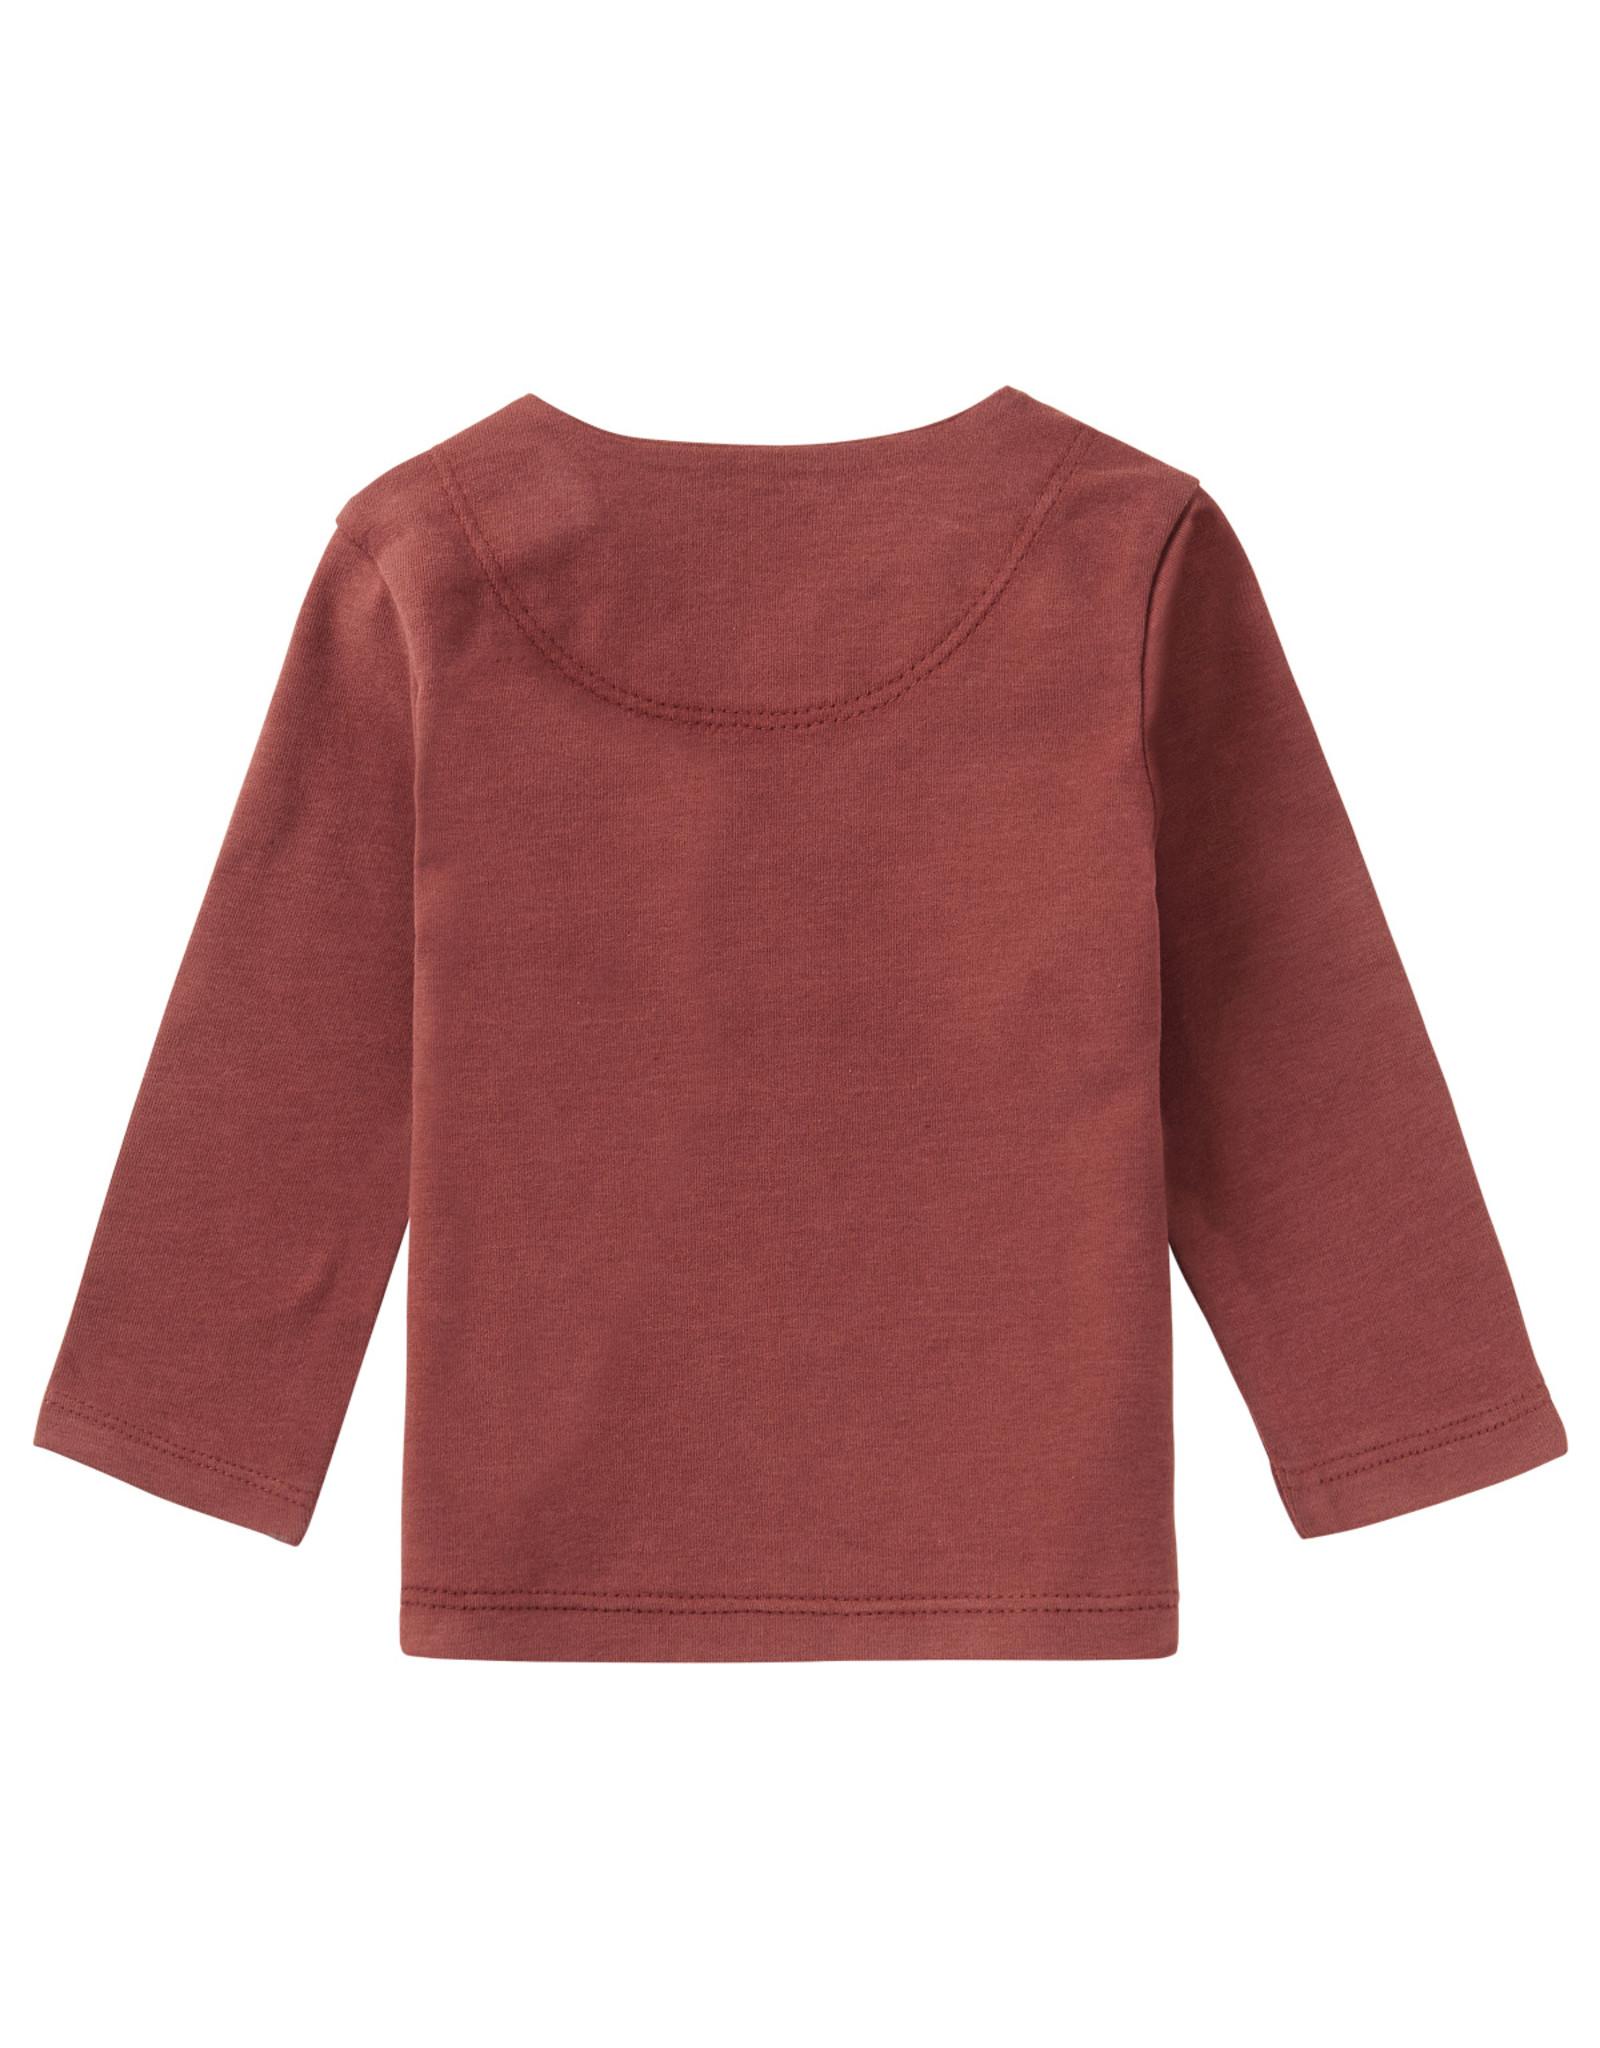 Noppies Noppies U  T-shirt Longsleeve Orkney Mahoganey maat 44